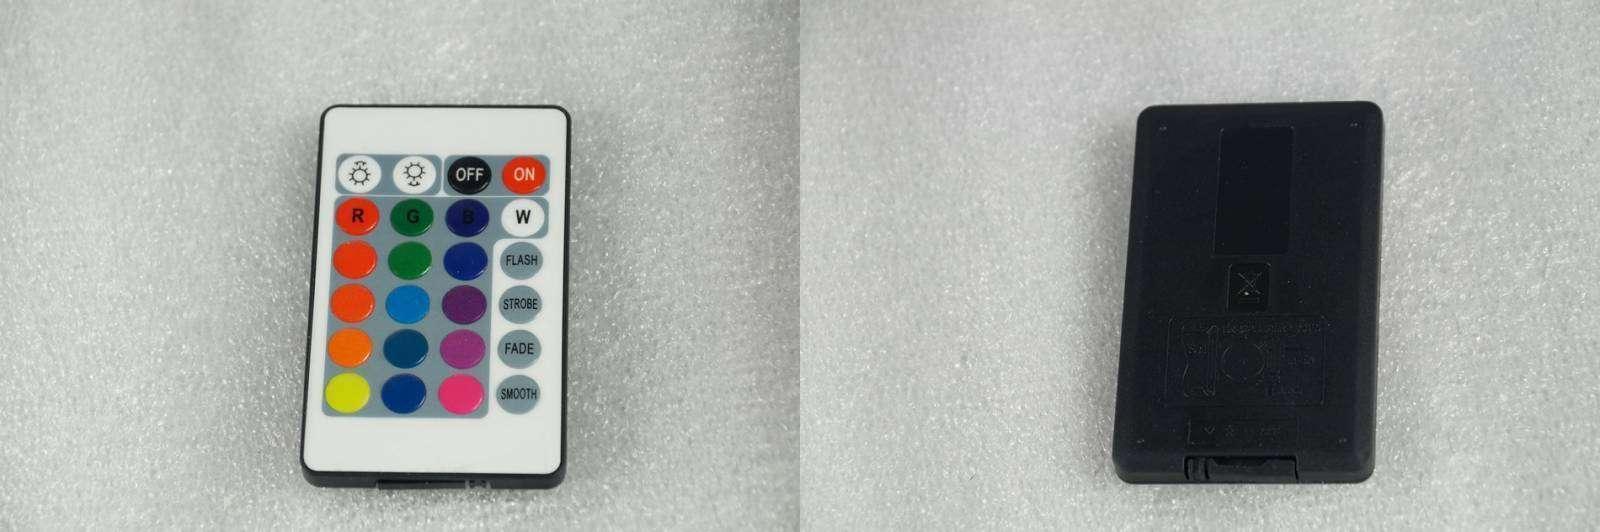 GearBest: Ночник с LED лампами на дистанционном пульте управления